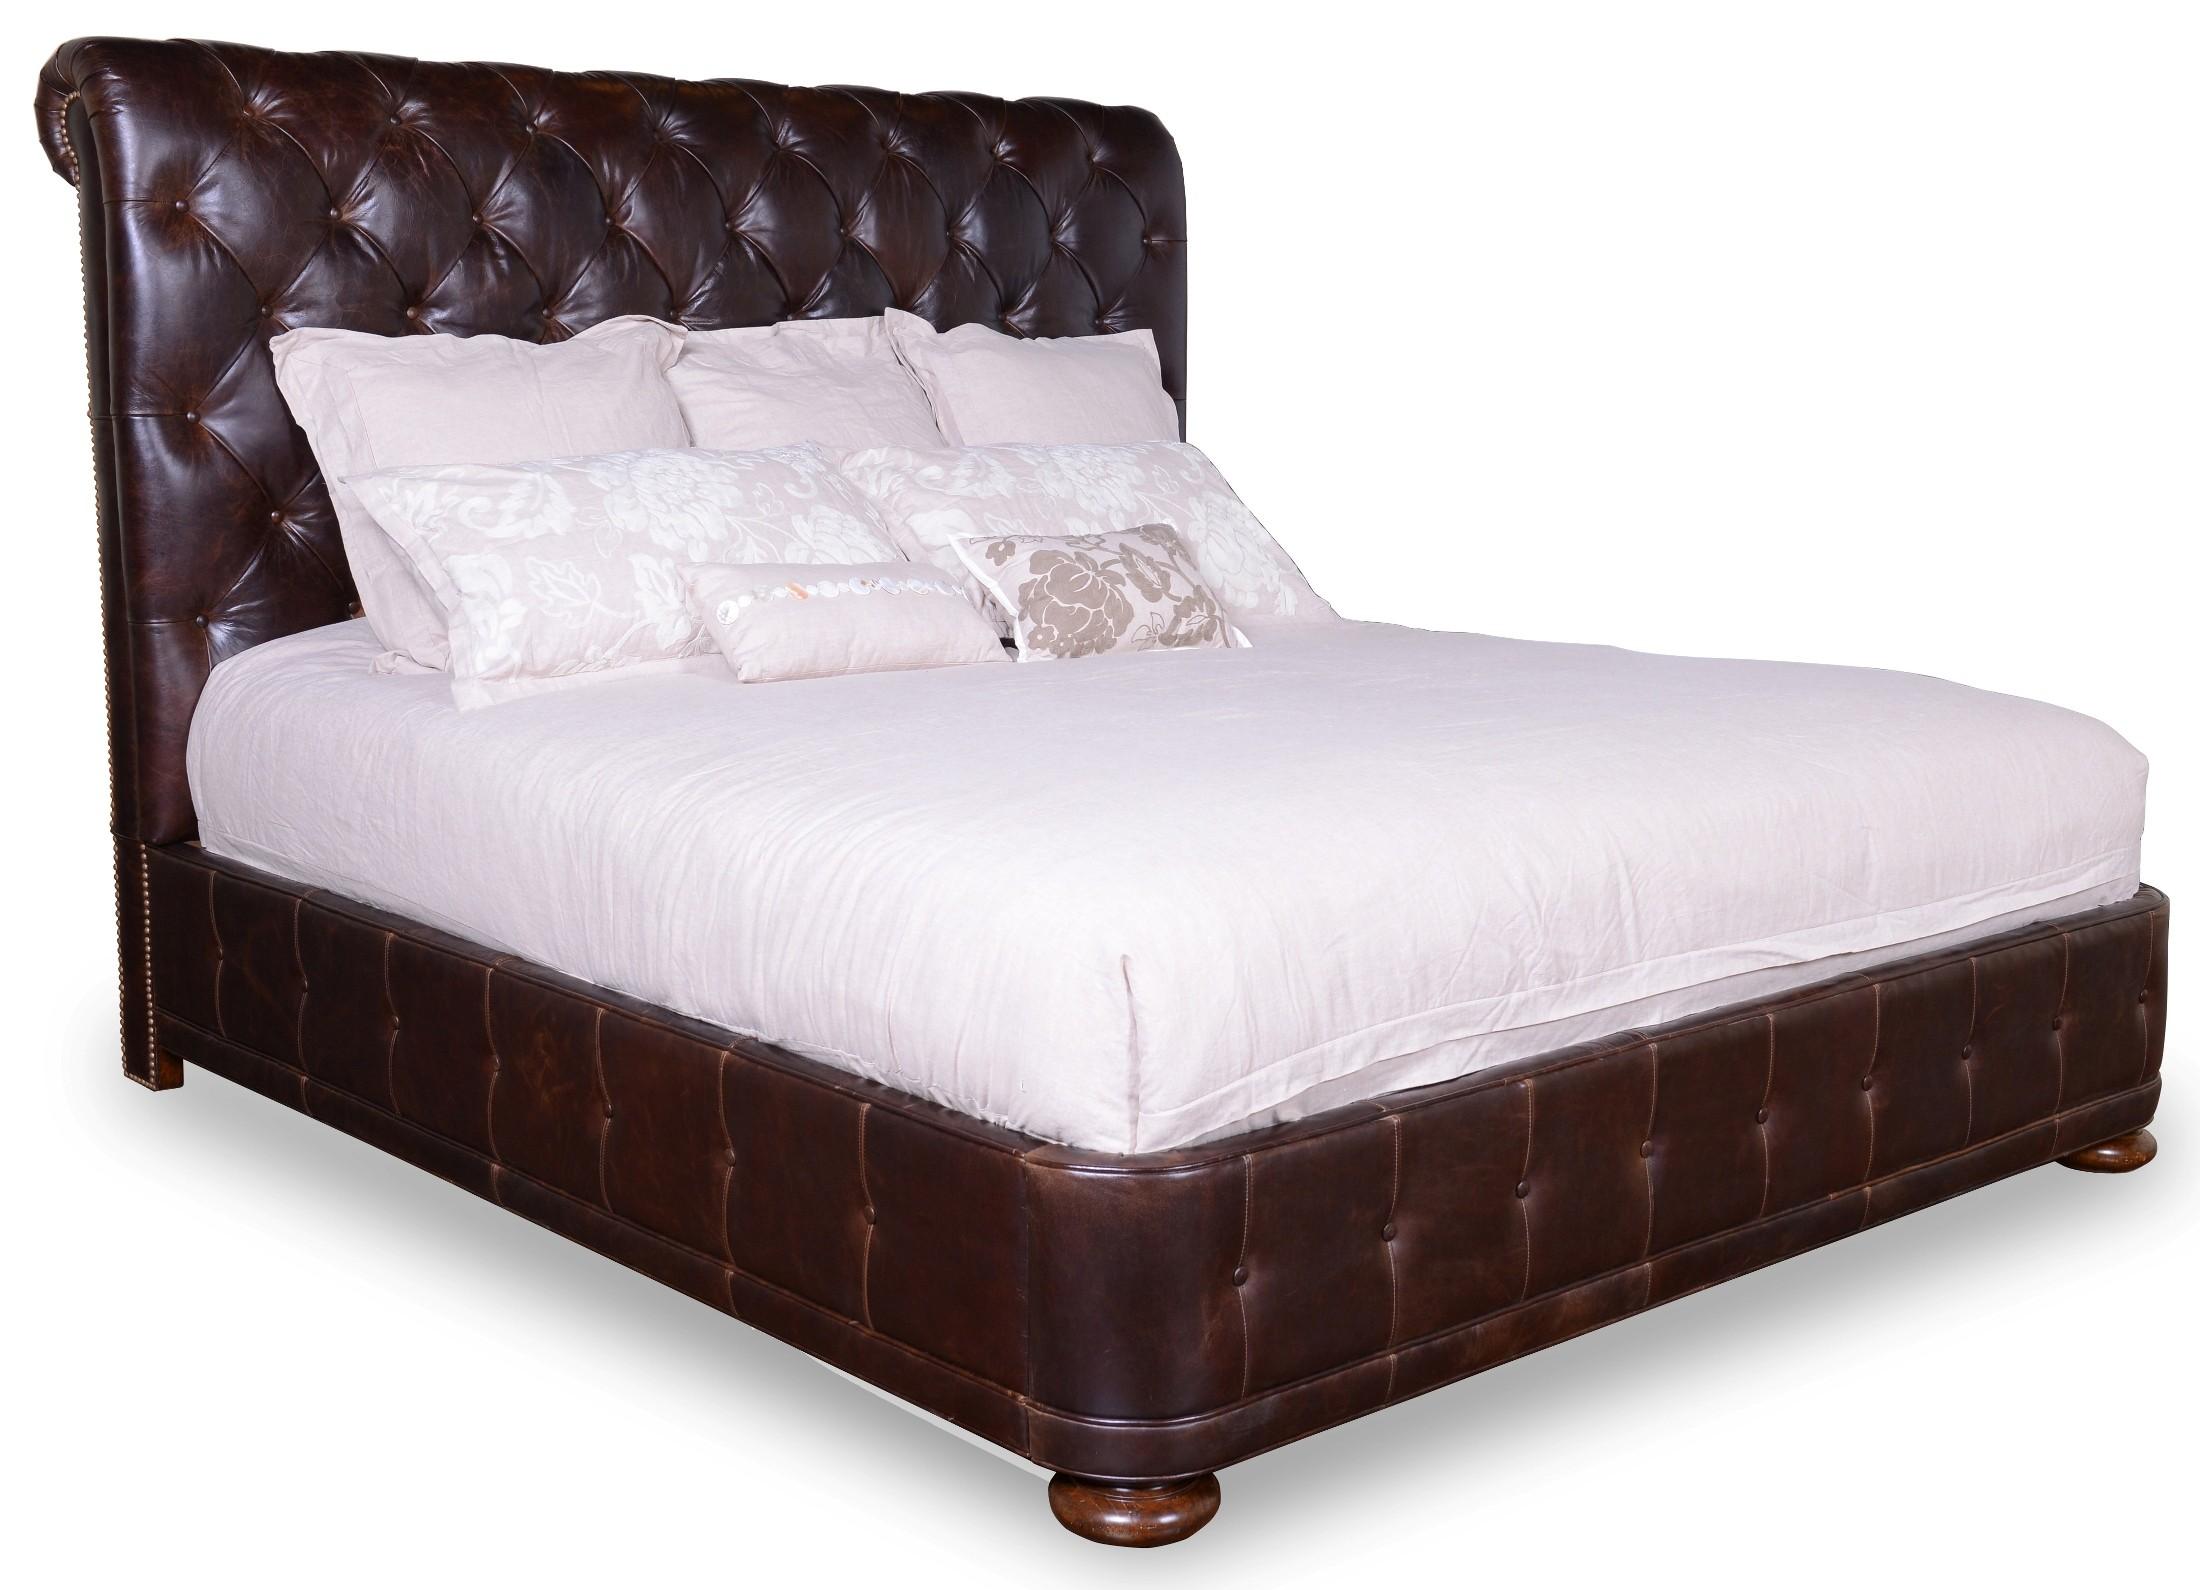 Whiskey Barrel Oak Upholstered Platform Bedroom Set from ART (205135 ...